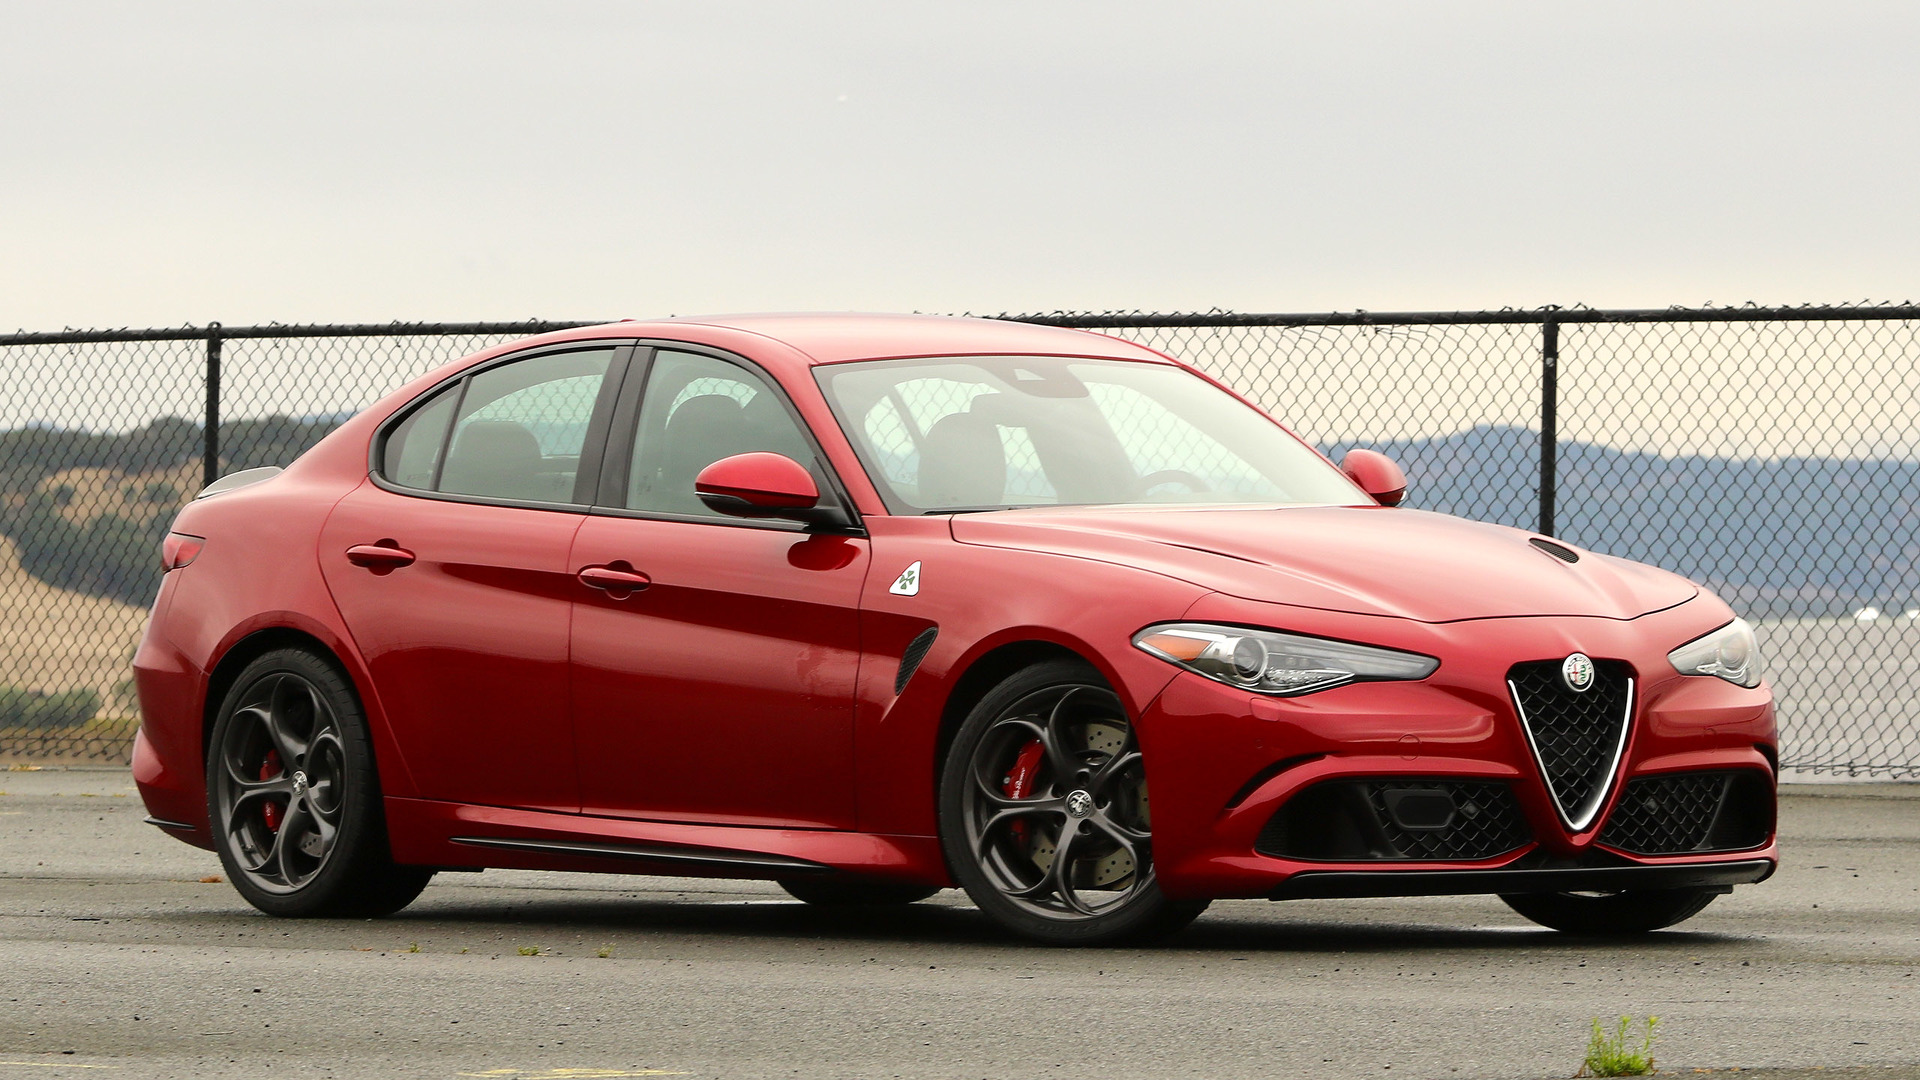 Alfa Romeo Giulia Car Price